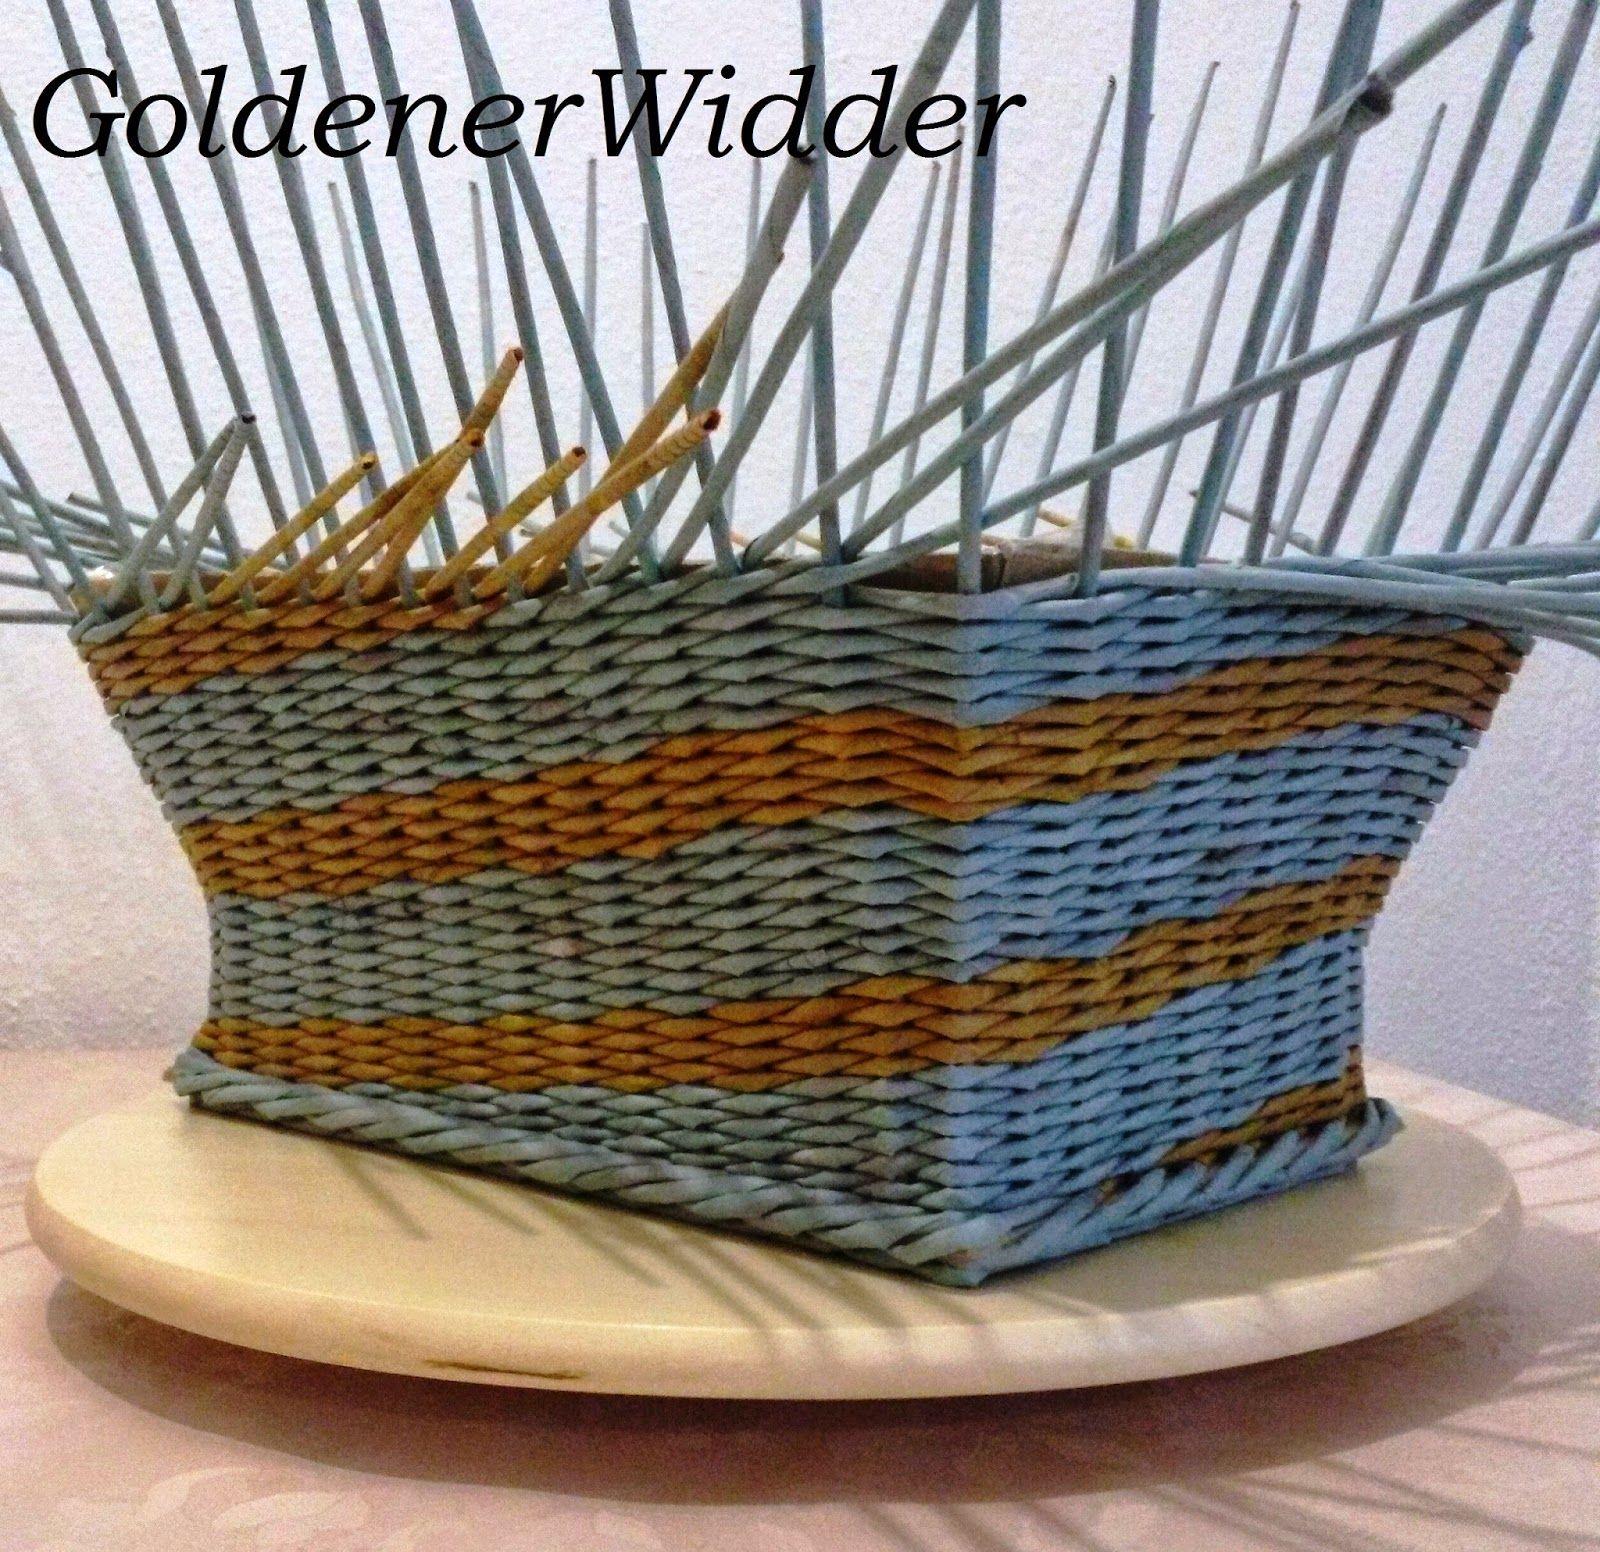 Плетение из газетных трубочек: Послойное плетение, одинарными трубочками. Корзина с расширяющимися стенками. Двухцветное плетение. Фанера.